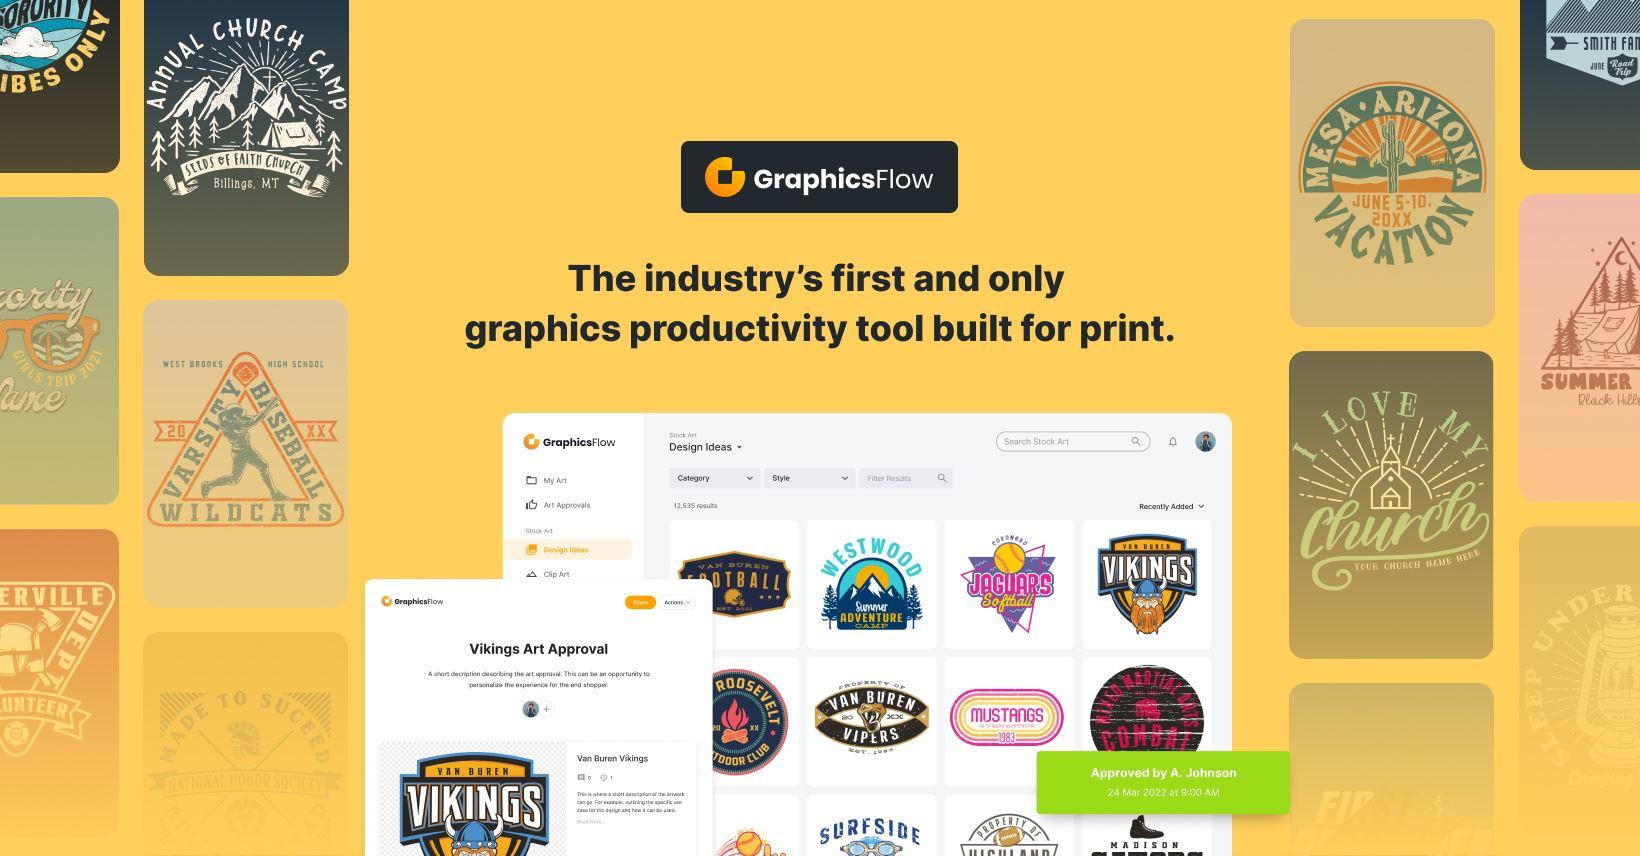 InkSoft Rebrands Digital Art Solutions to GraphicsFlow